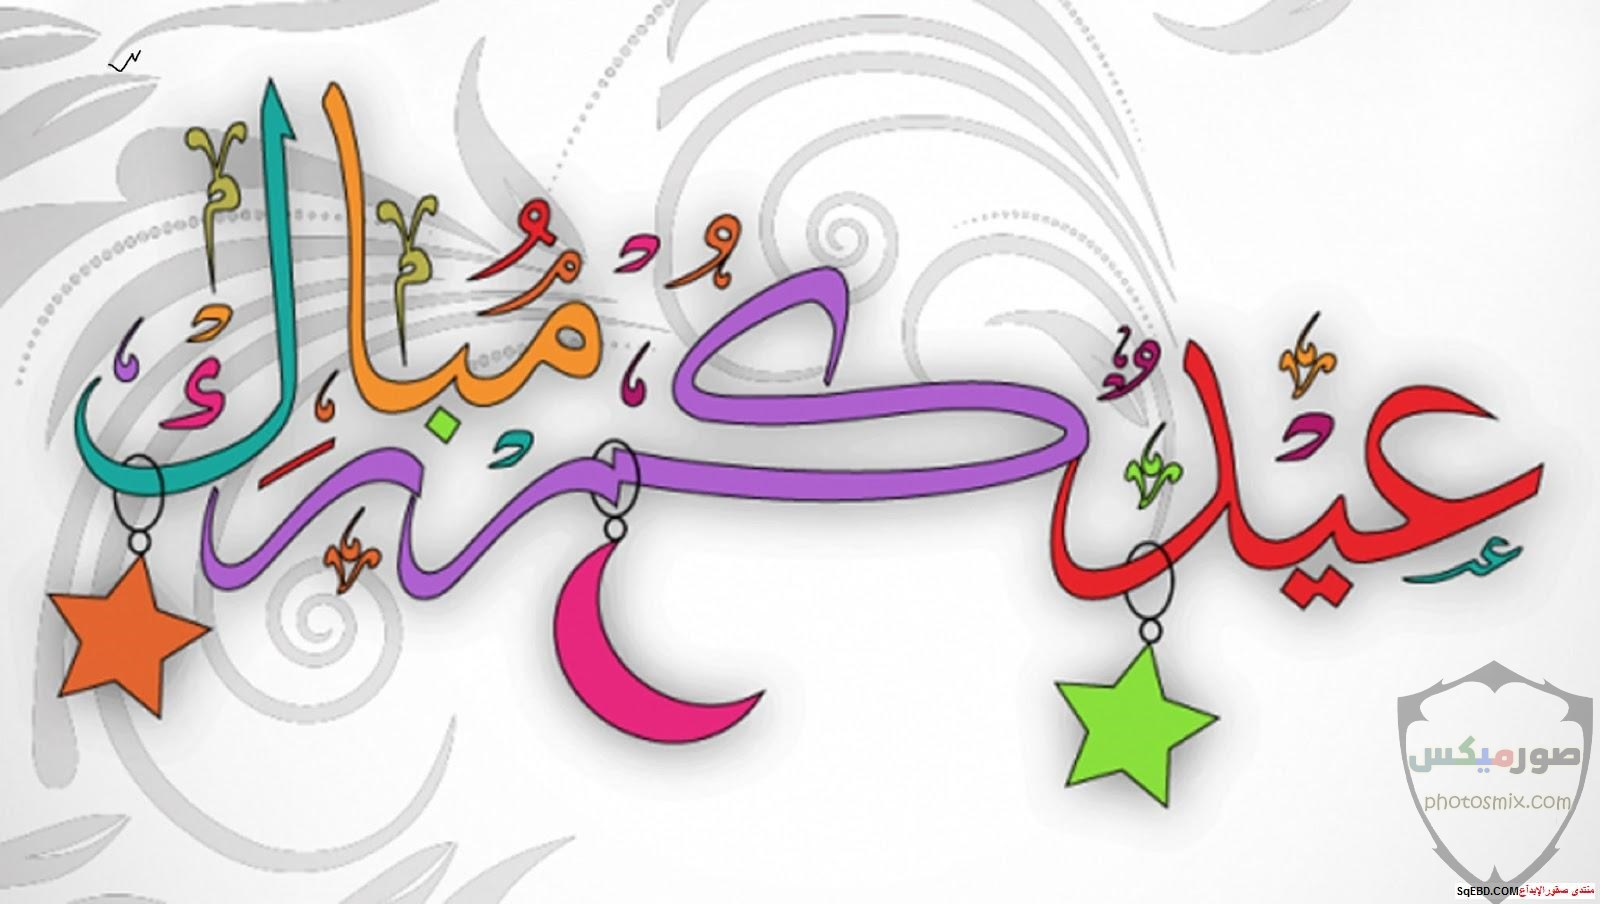 صور عيد الفطر صور برقيات وتهنئة بالعيد الصغير خلفيات فيس بوك وواتس اب بعيد الفطر 14